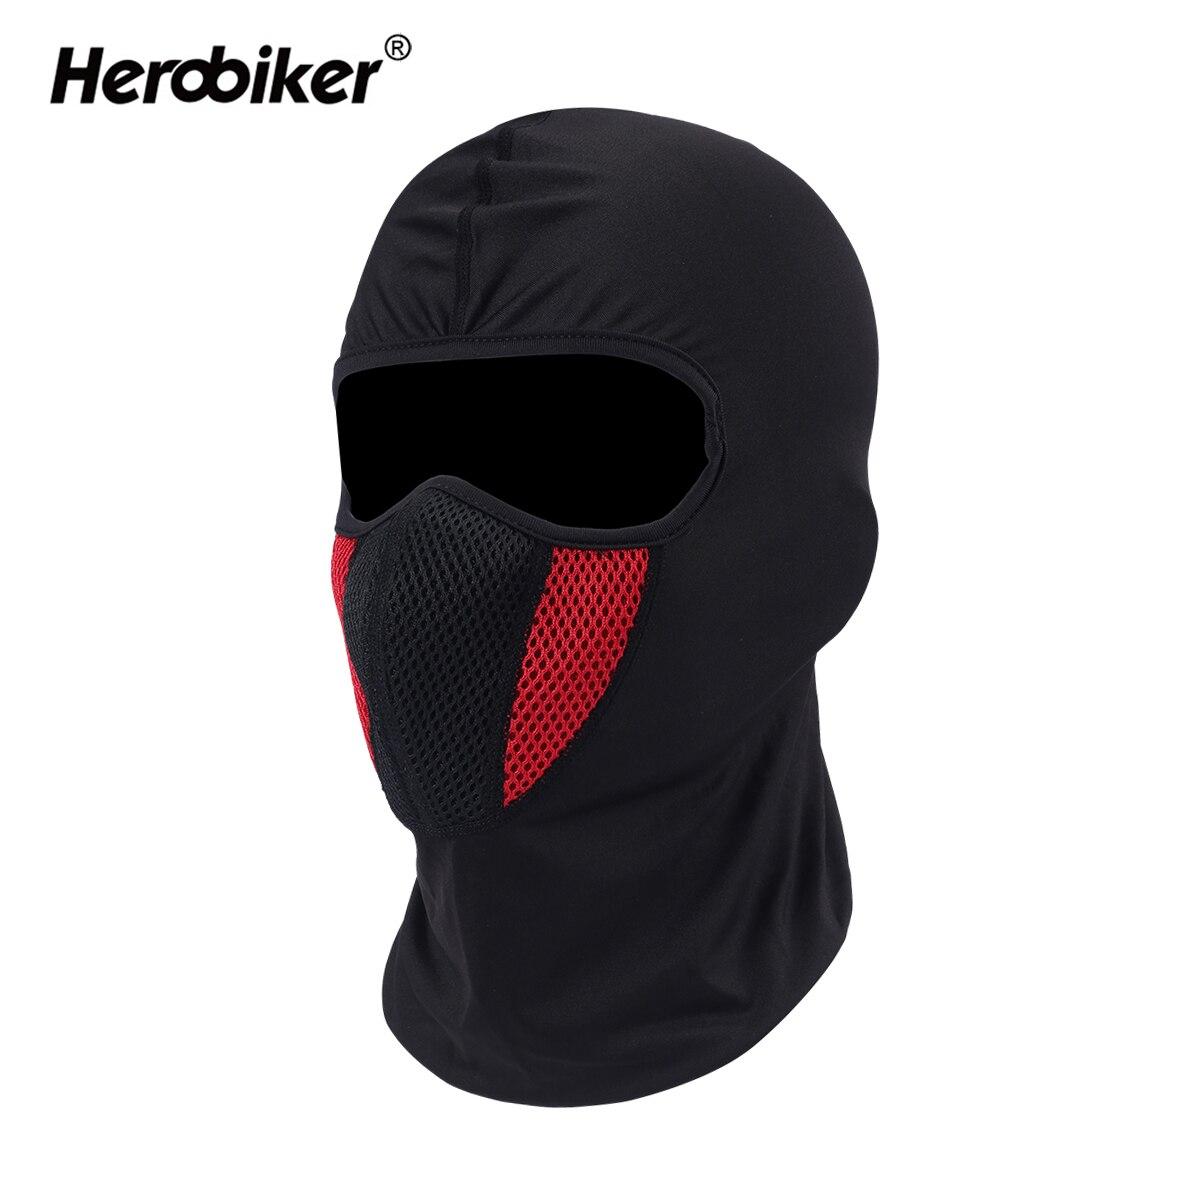 HEROBIKER Balaclava Moto Gesicht Maske Motorrad Gesicht Schild Tactical Airsoft Paintball Radfahren Bike Ski Armee Helm Full Face Maske